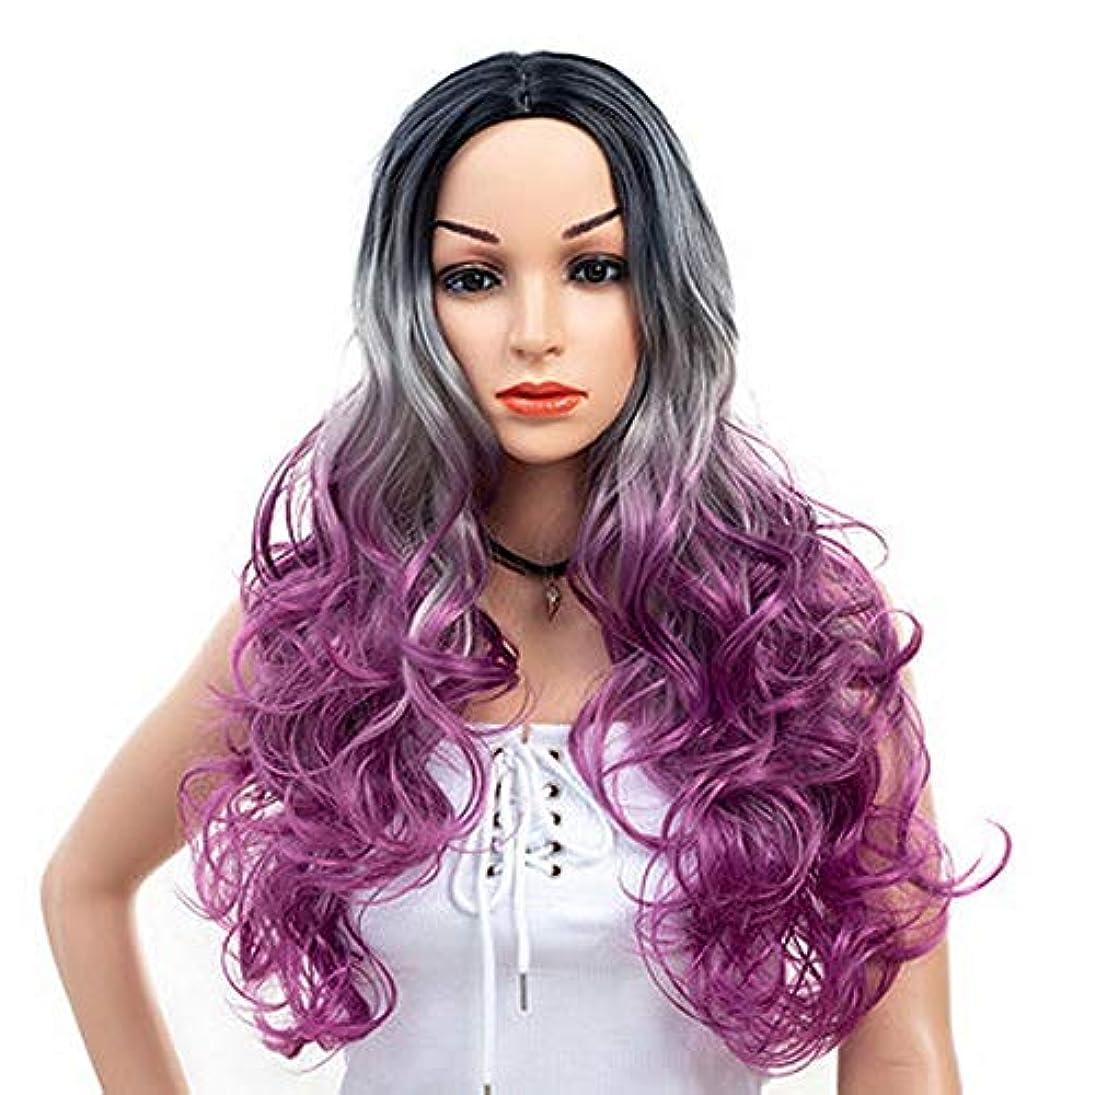 ステンレス一時解雇する矛盾女性のための色のかつら長いウェーブのかかった髪、高密度温度合成かつら女性のグルーレスウェーブのかかったコスプレヘアウィッグ、女性のための耐熱繊維の髪のかつら、紫色のウィッグ26インチ